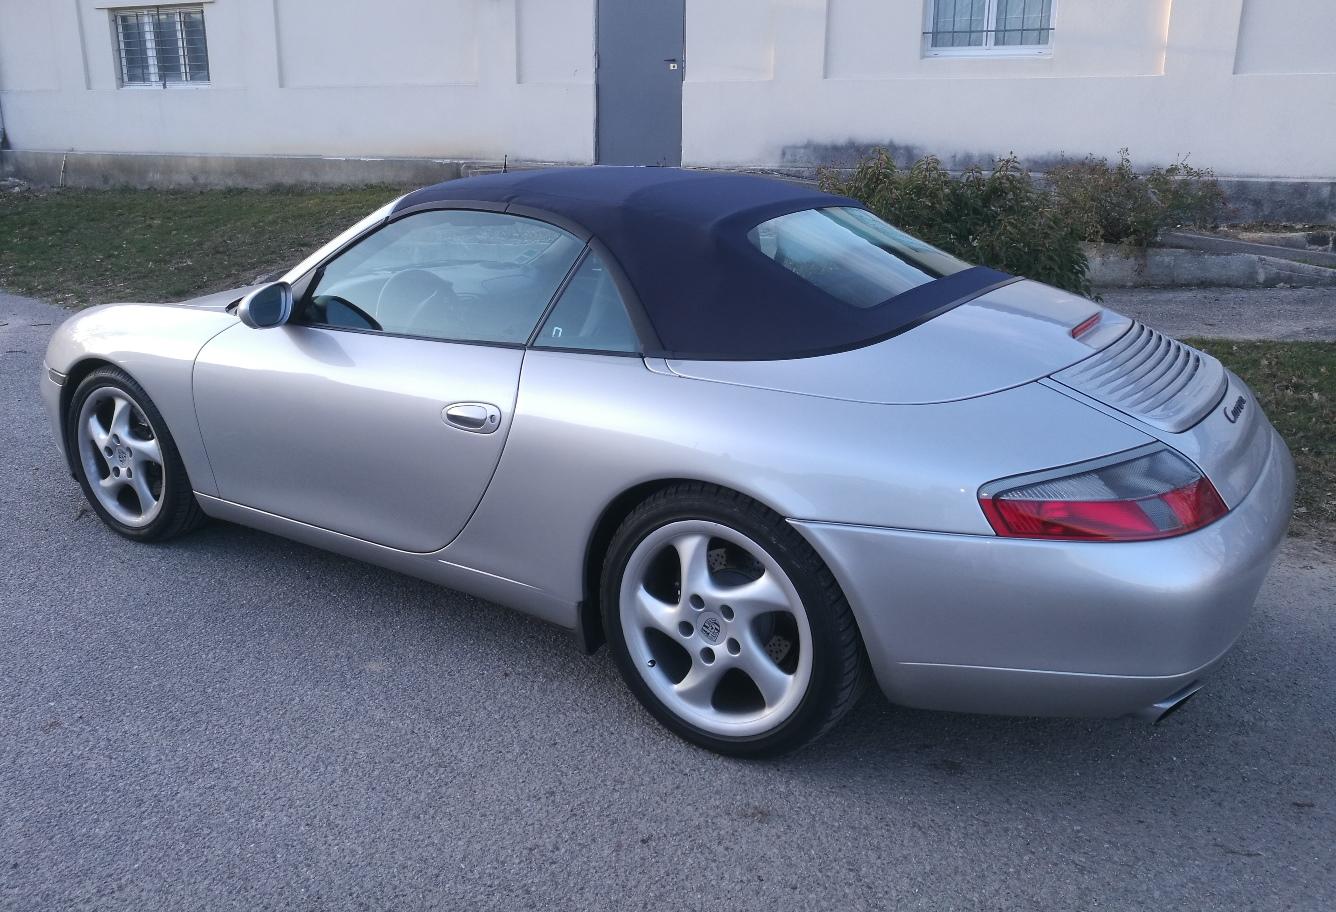 Remplacement capote Porsche 911 cabriolet 996 RC Sellerie